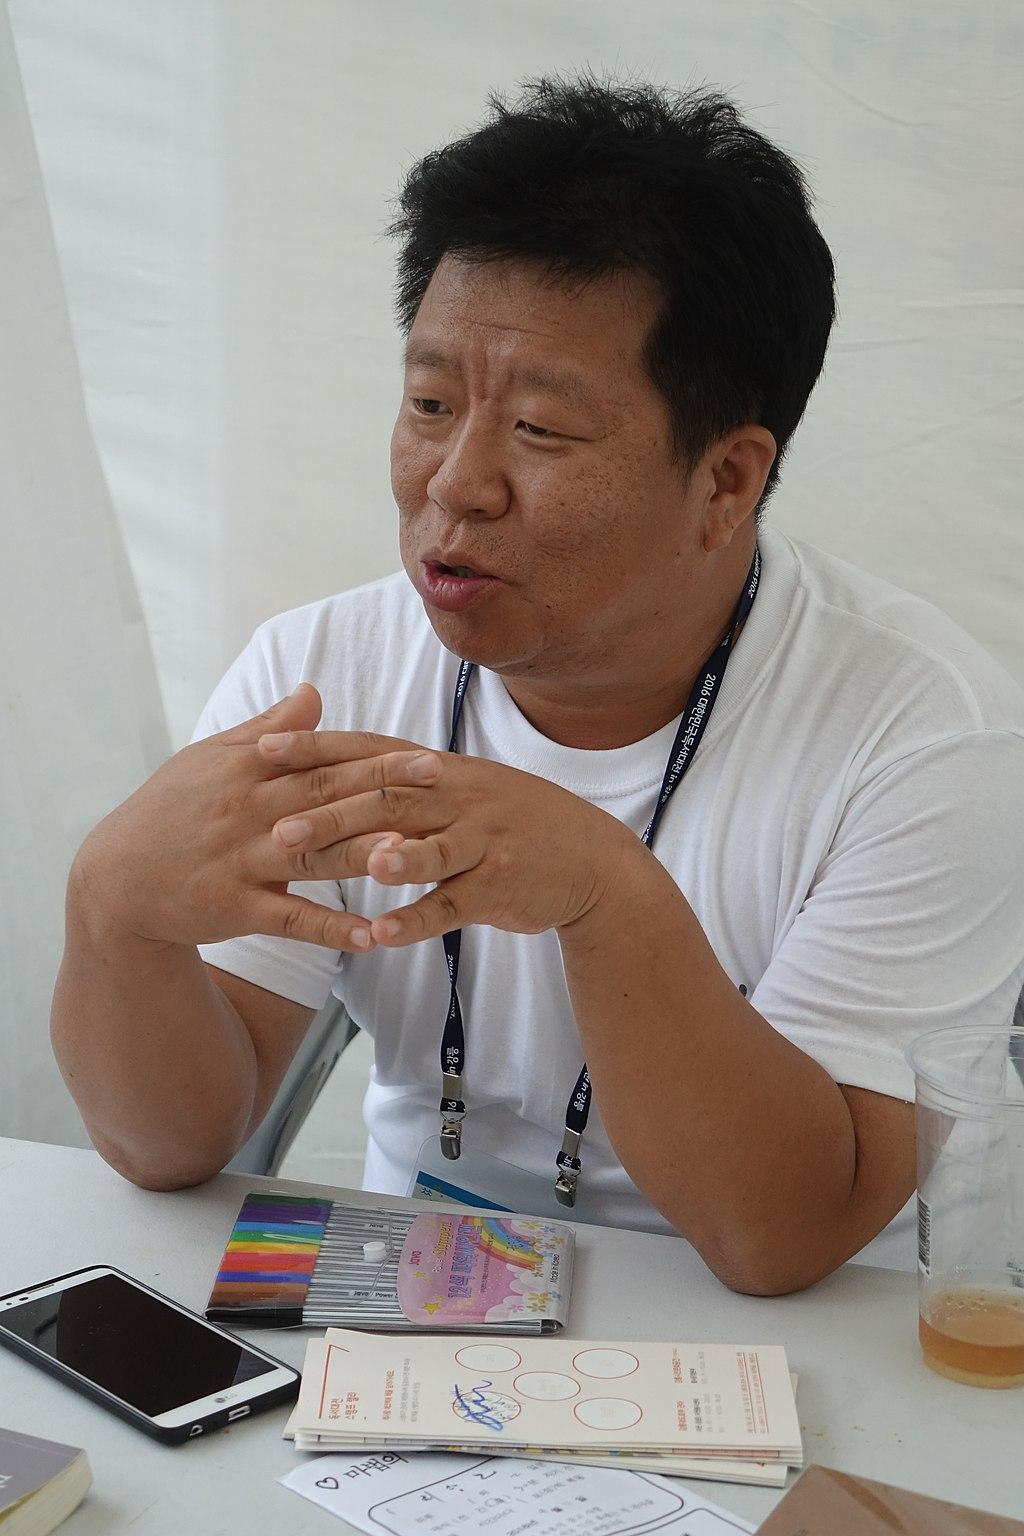 독서동아리 오니 회장 권학주 2016년 9월 11일 독서대전 DSC04992